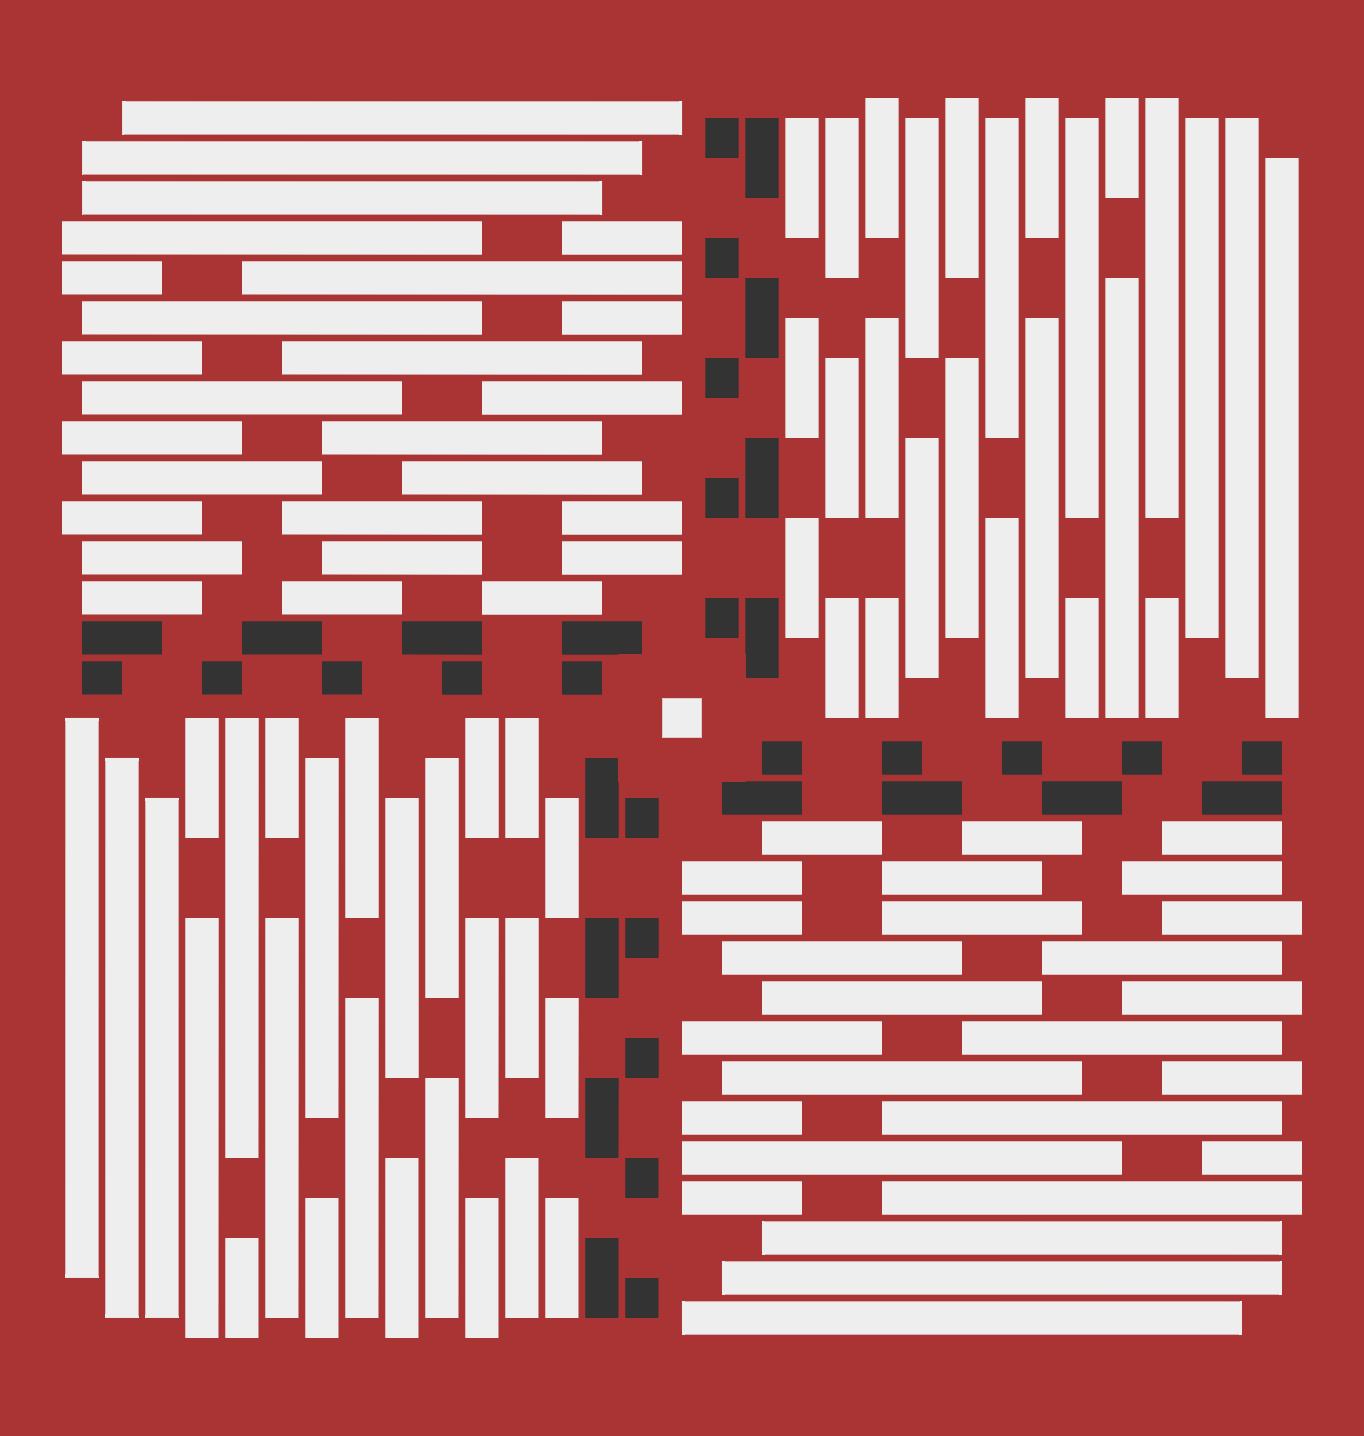 isolation-pixel-static-50